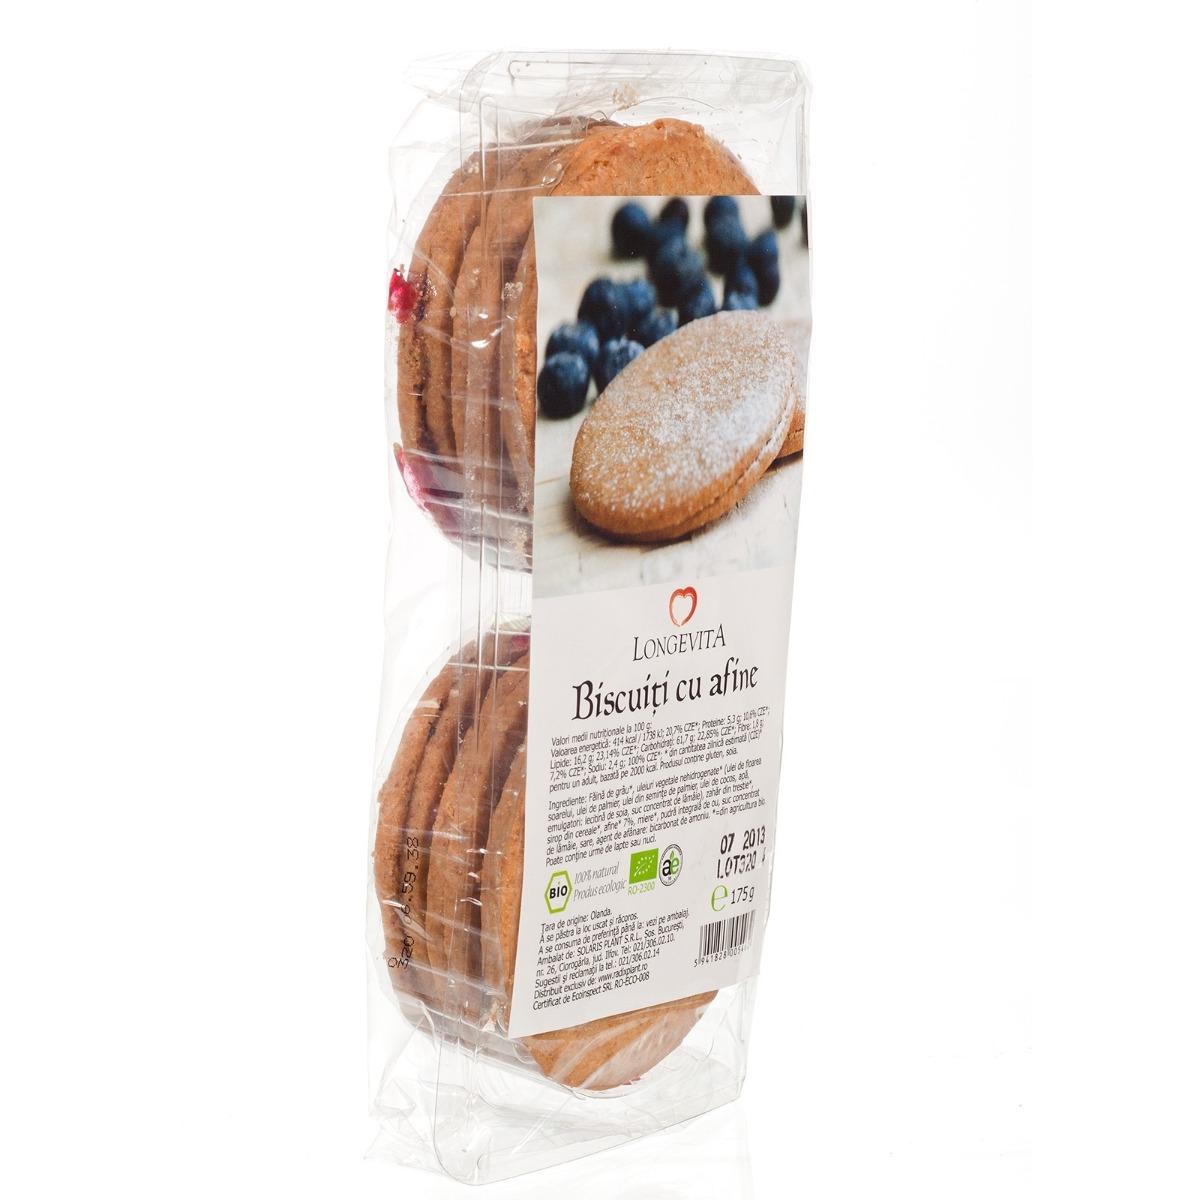 Biscuiti cu crema de Afine Bio, 175g, Longevita drmax.ro